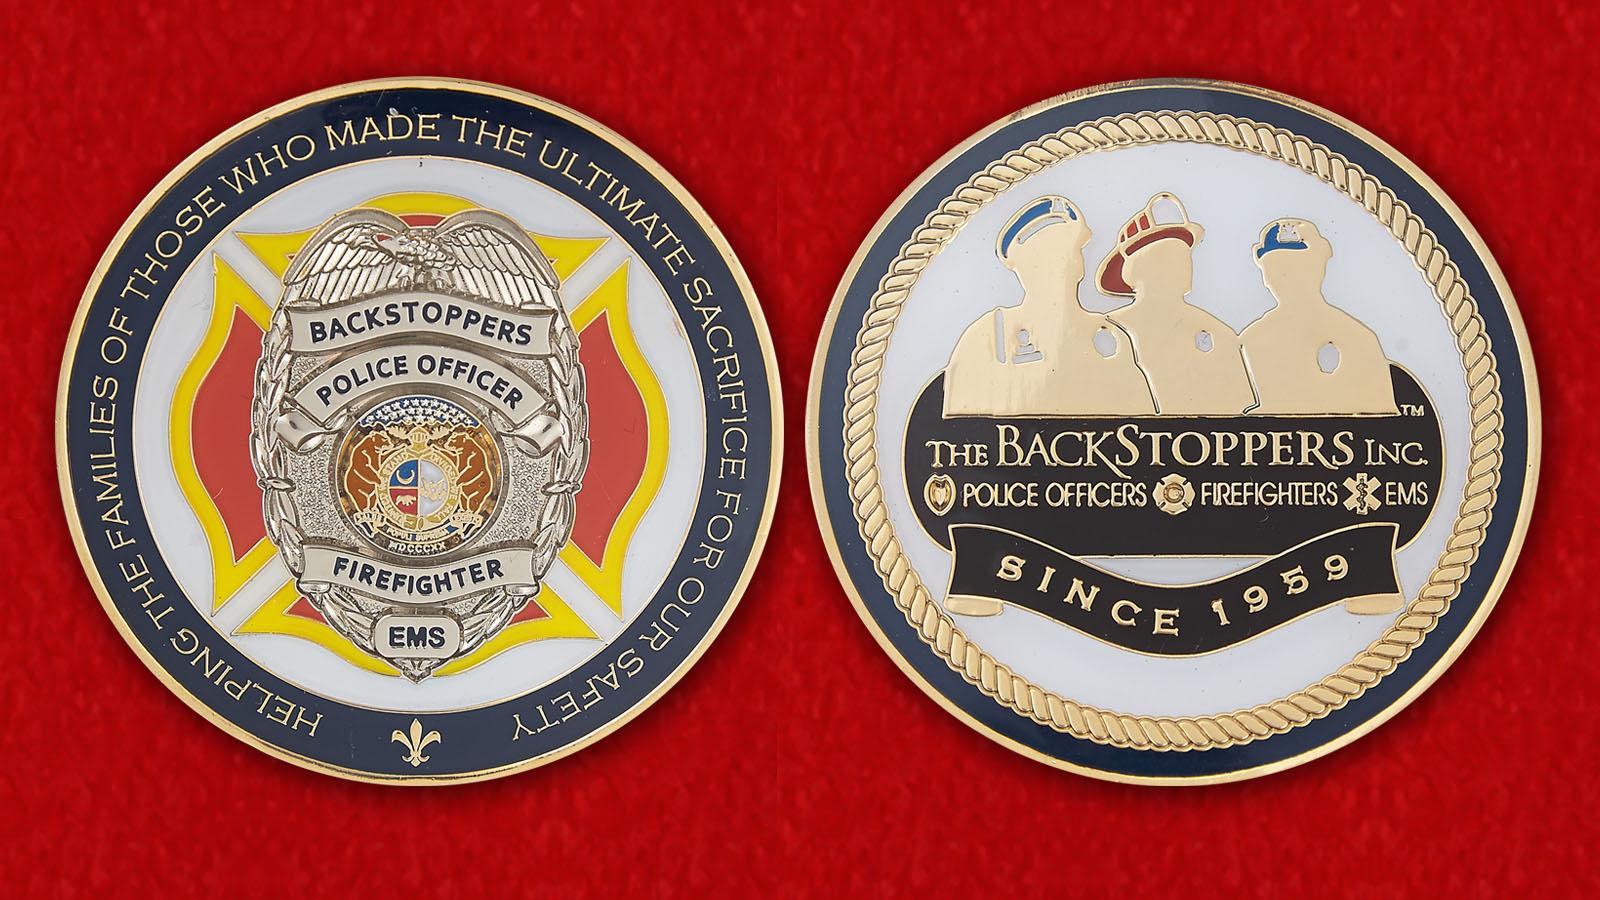 Челлендж коин Организации по оказанию финансовой помощи семьям погибших полицейских, пожарных, и добровольных спасателей - аверс и реверсс